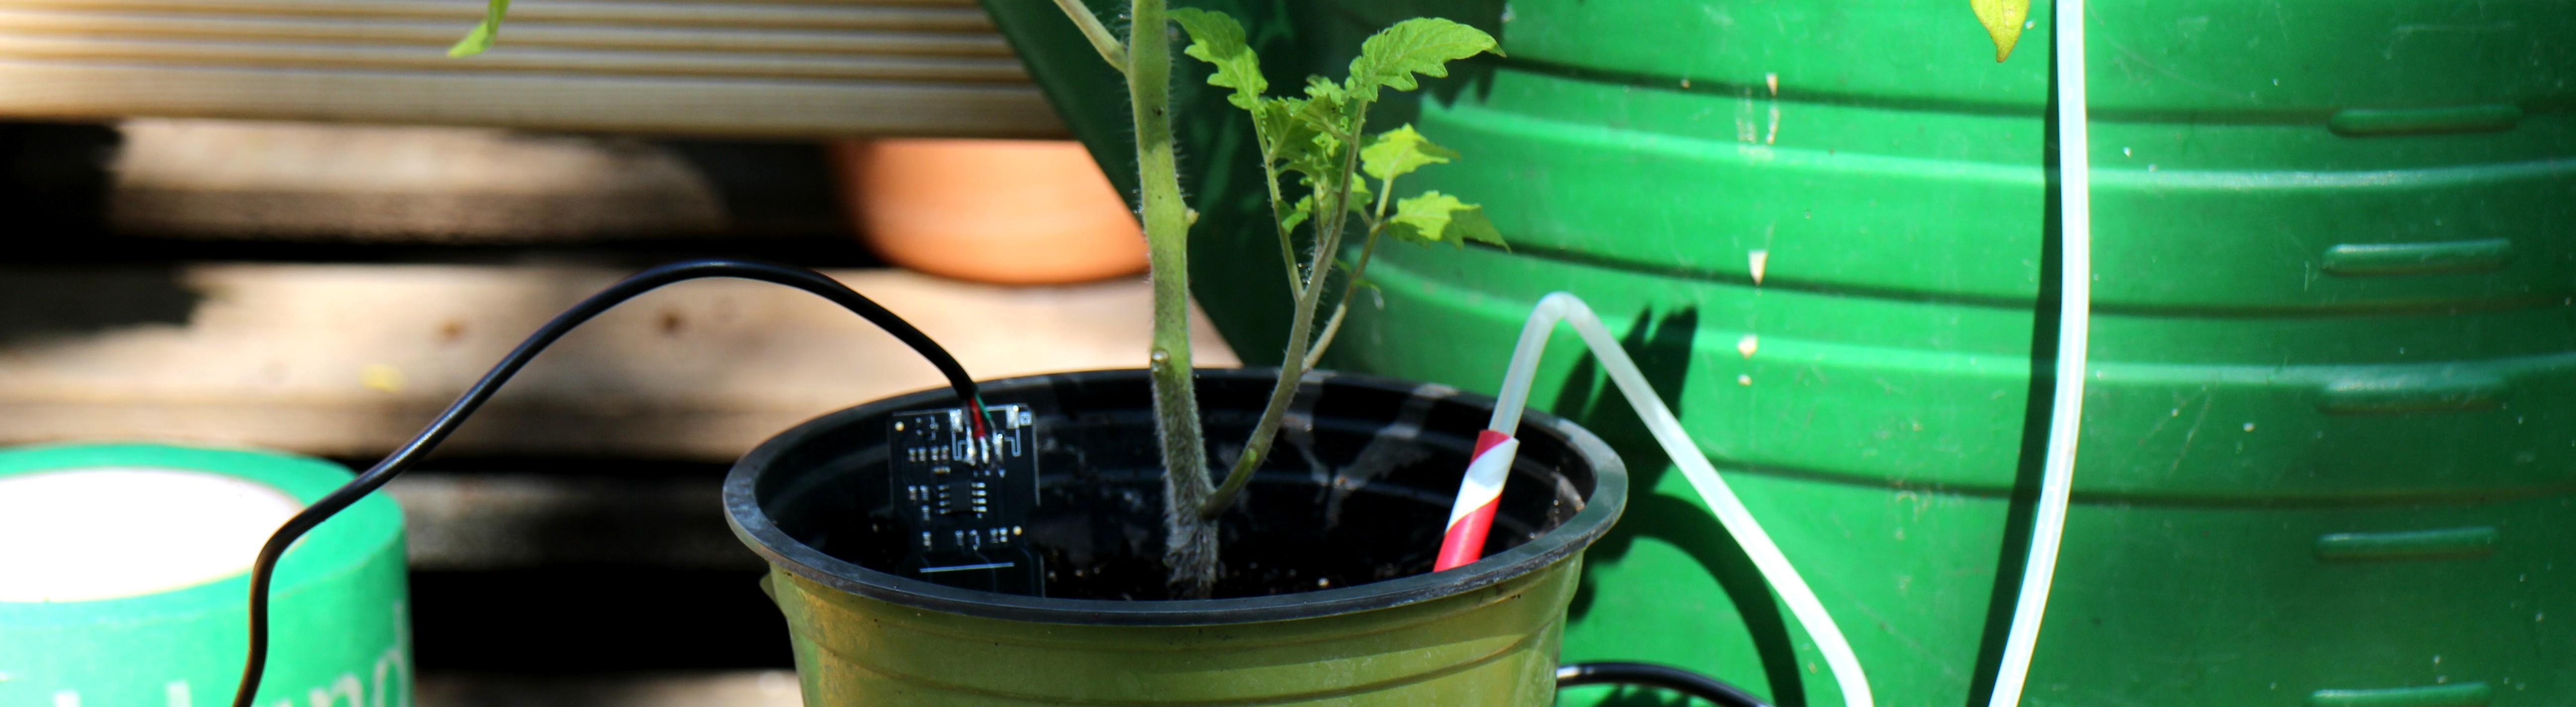 Eine Tomatenpflanze mit Feuchtigkeitssensor und automatischer Gießeinrichtung